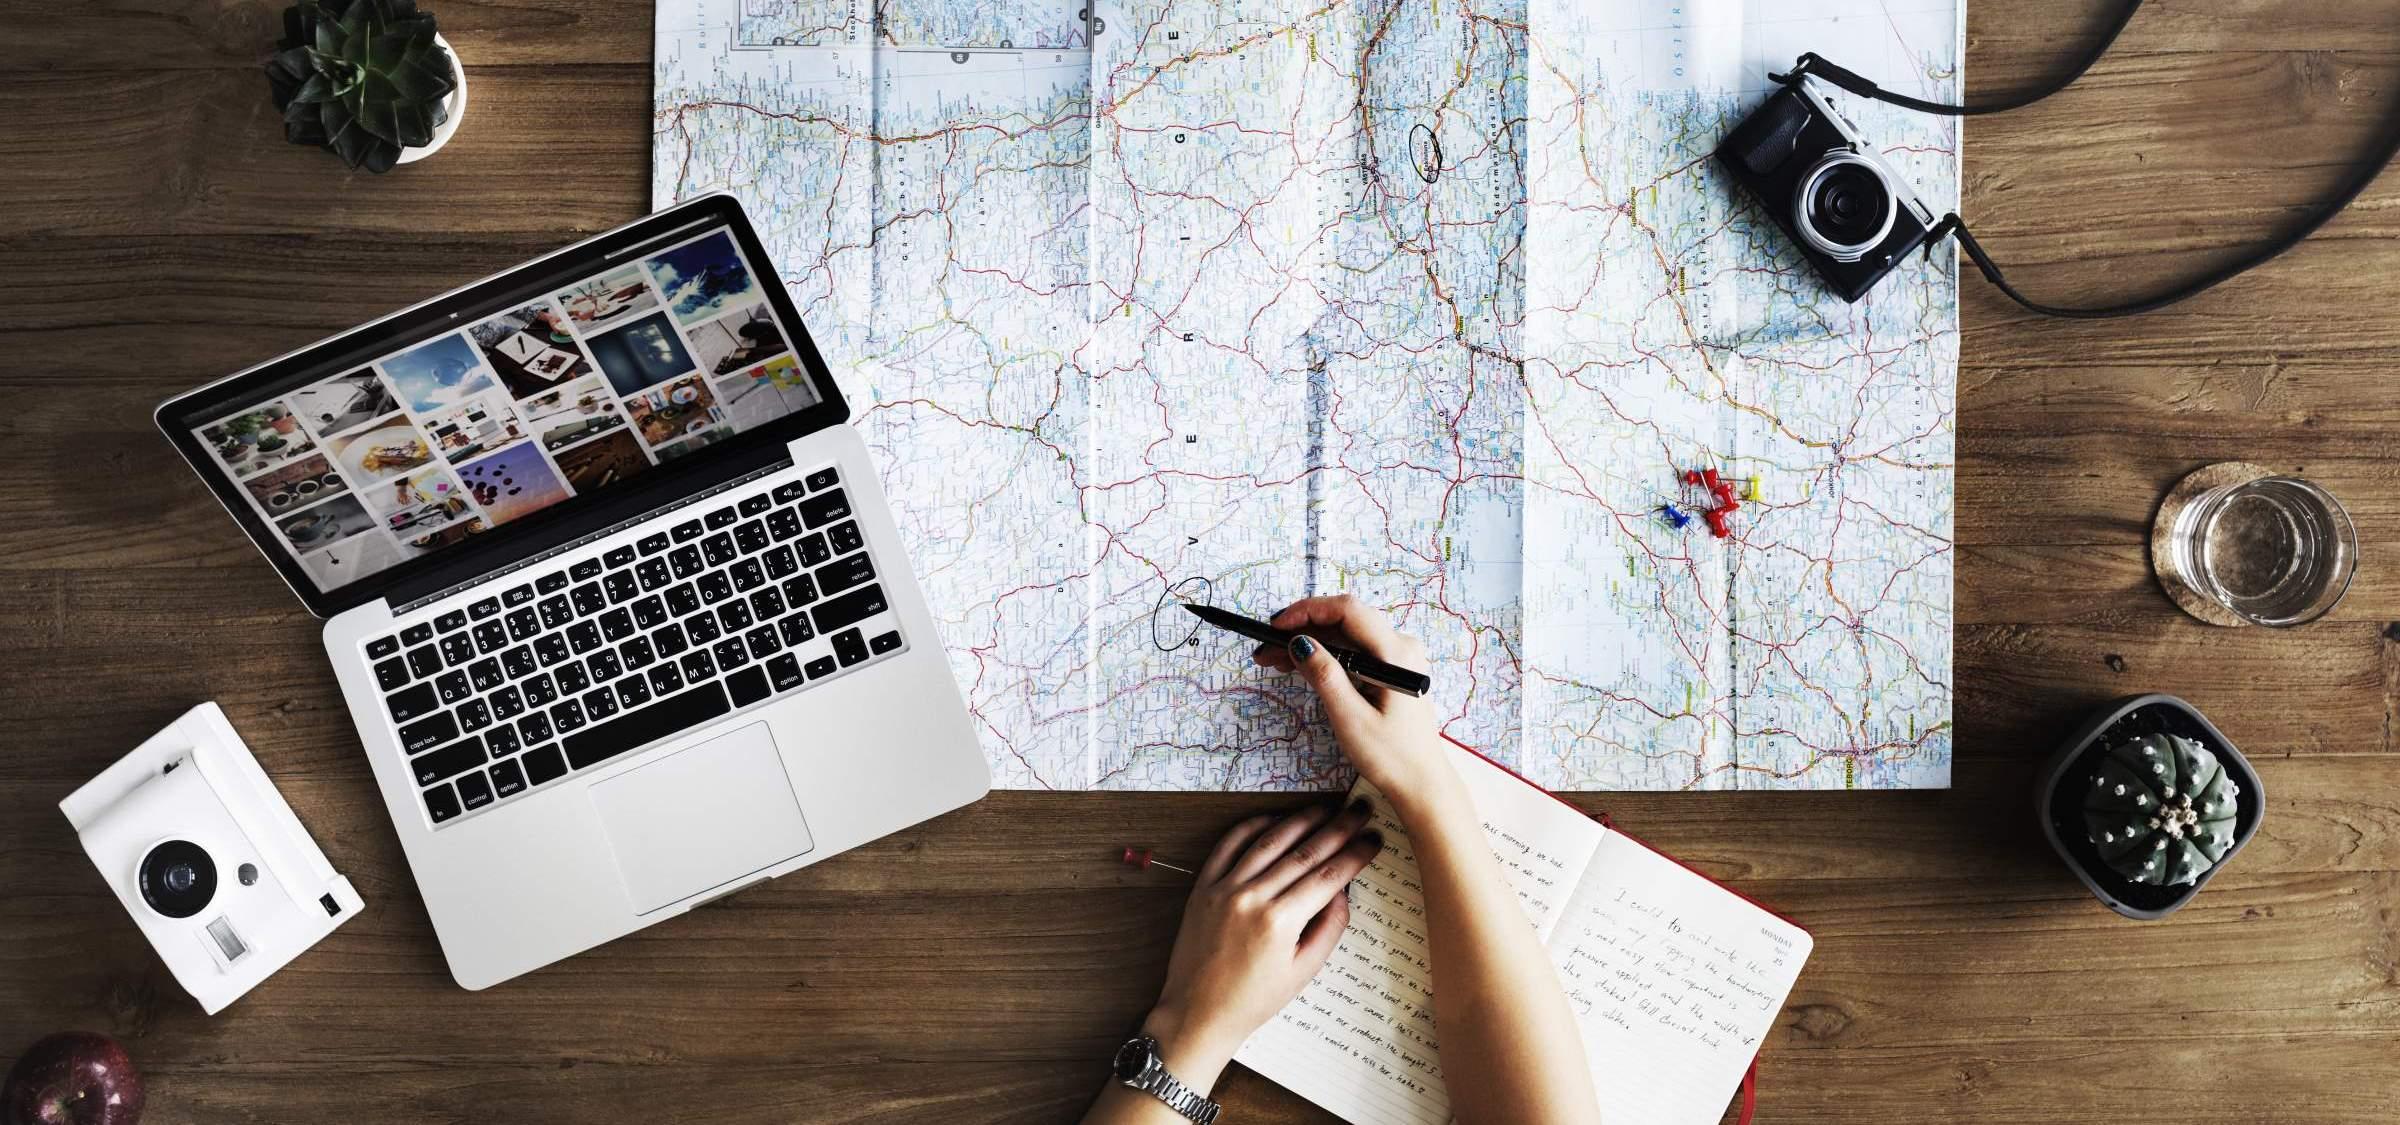 Кому и в каких случаях гид не понадобится: отправляемся в самостоятельное путешествие